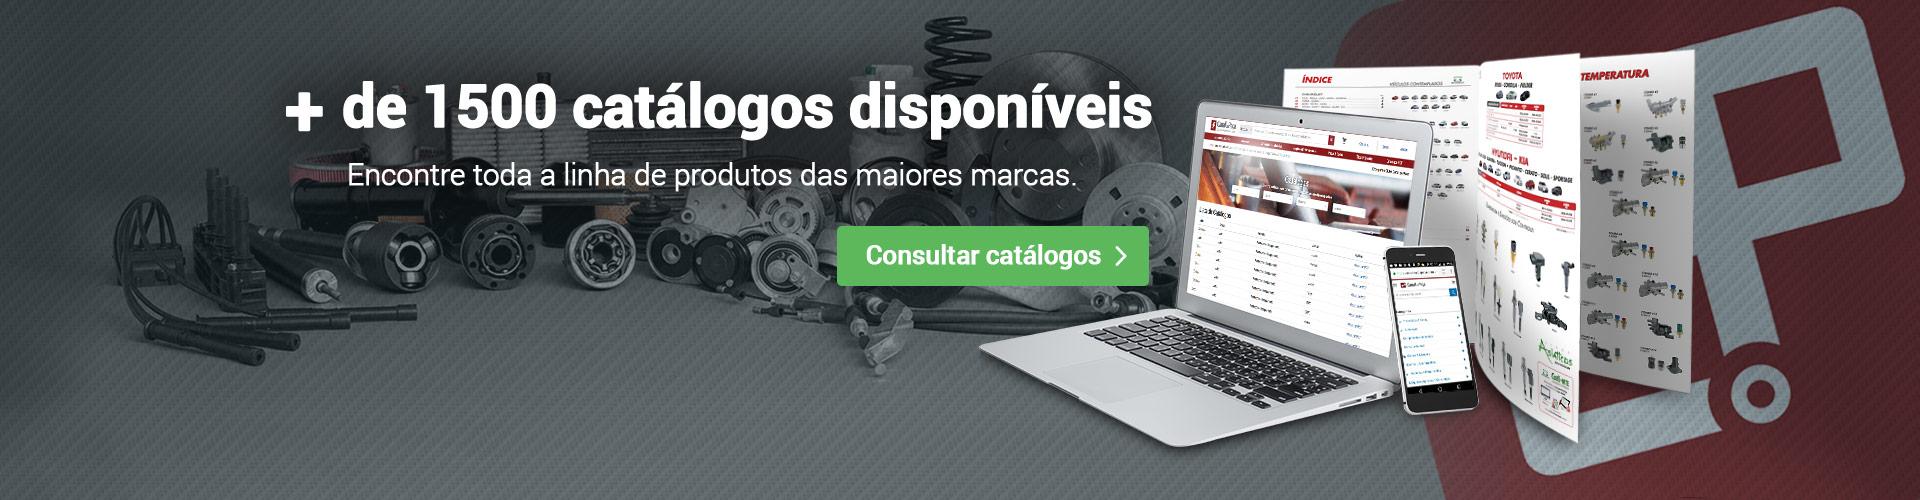 + 1500 catálogos disponíveis Encontre toda a linha de produtos das maiores marcas